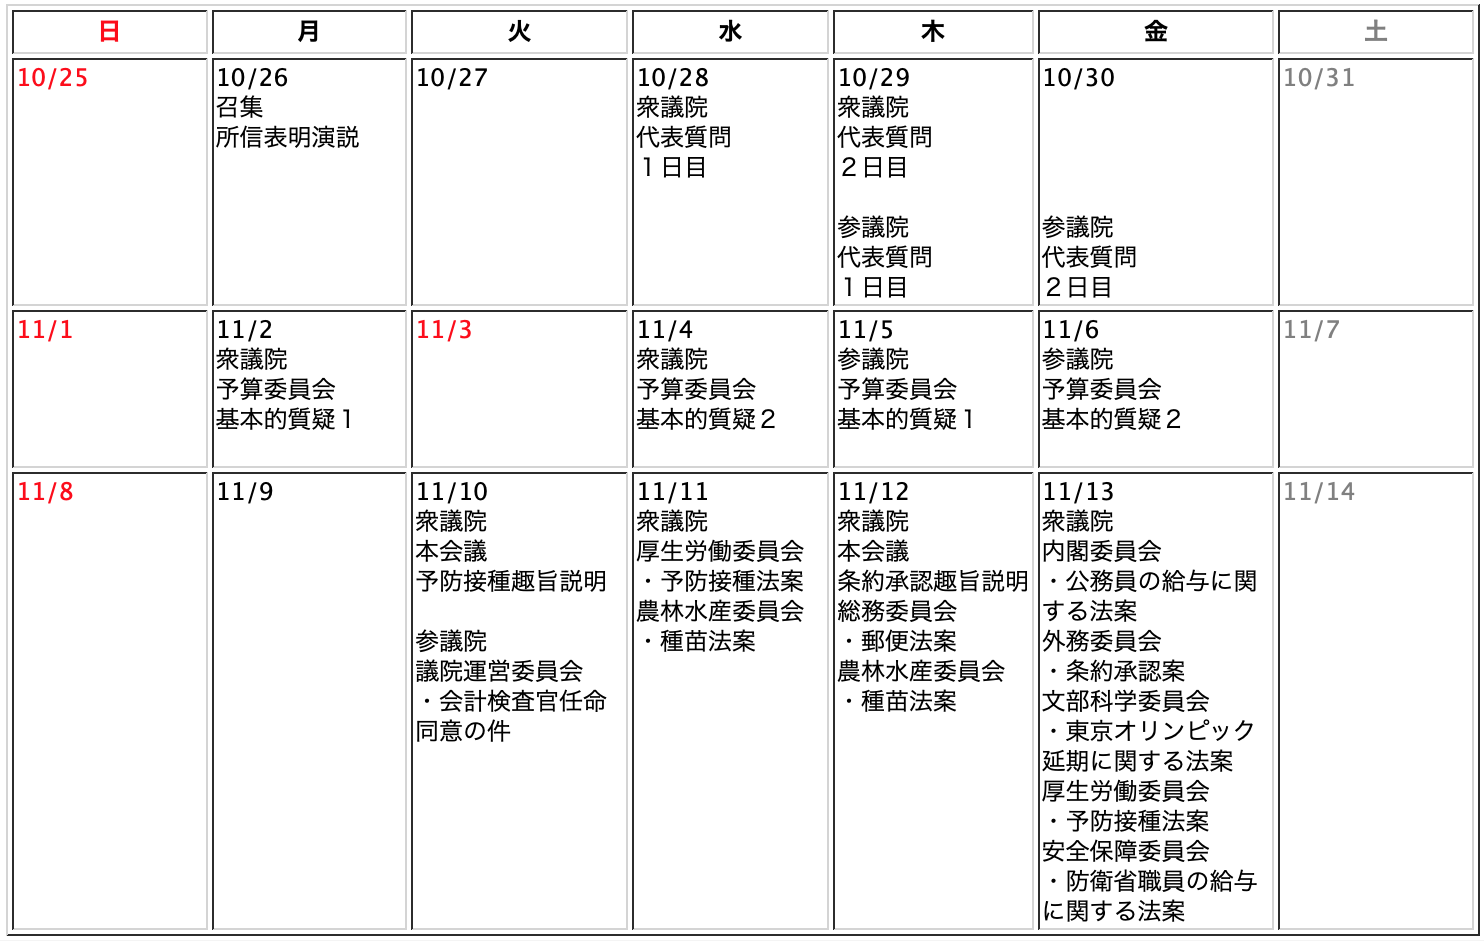 第203回臨時国会のスケジュール実績